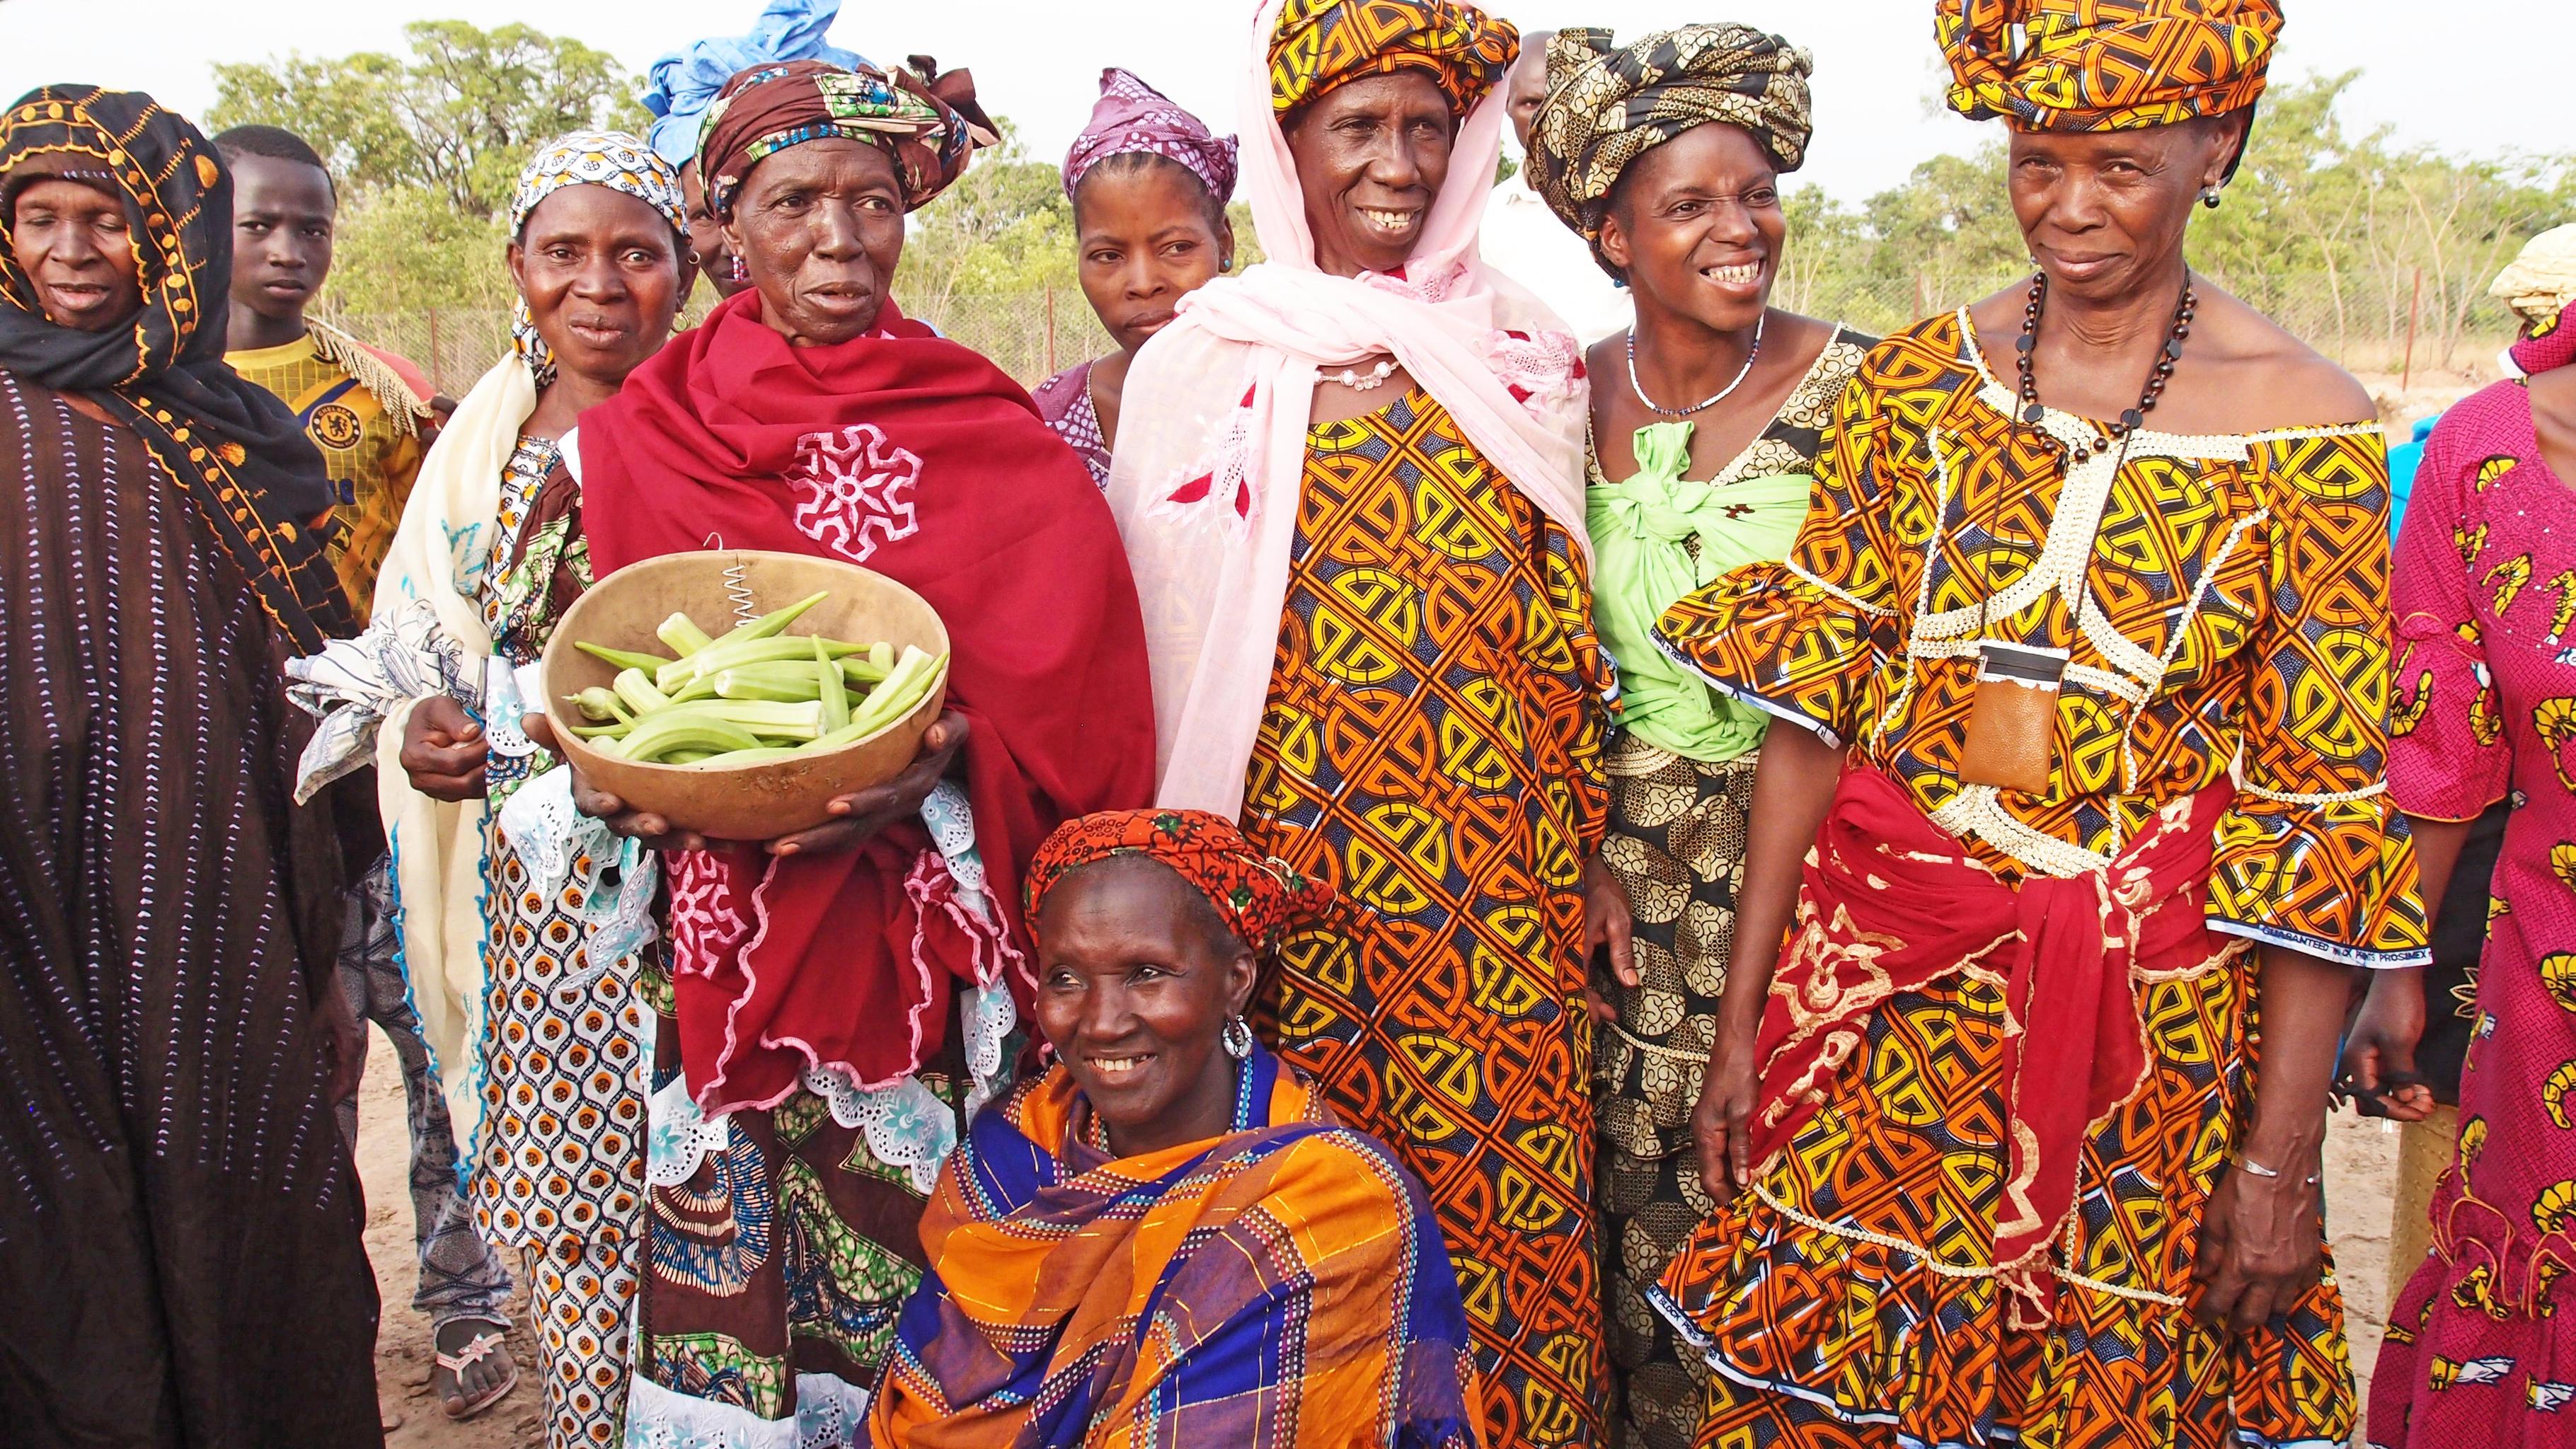 Die Frauen des Dorfes Makana Brigo präsentieren stolz einen Teil ihrer Ernte.